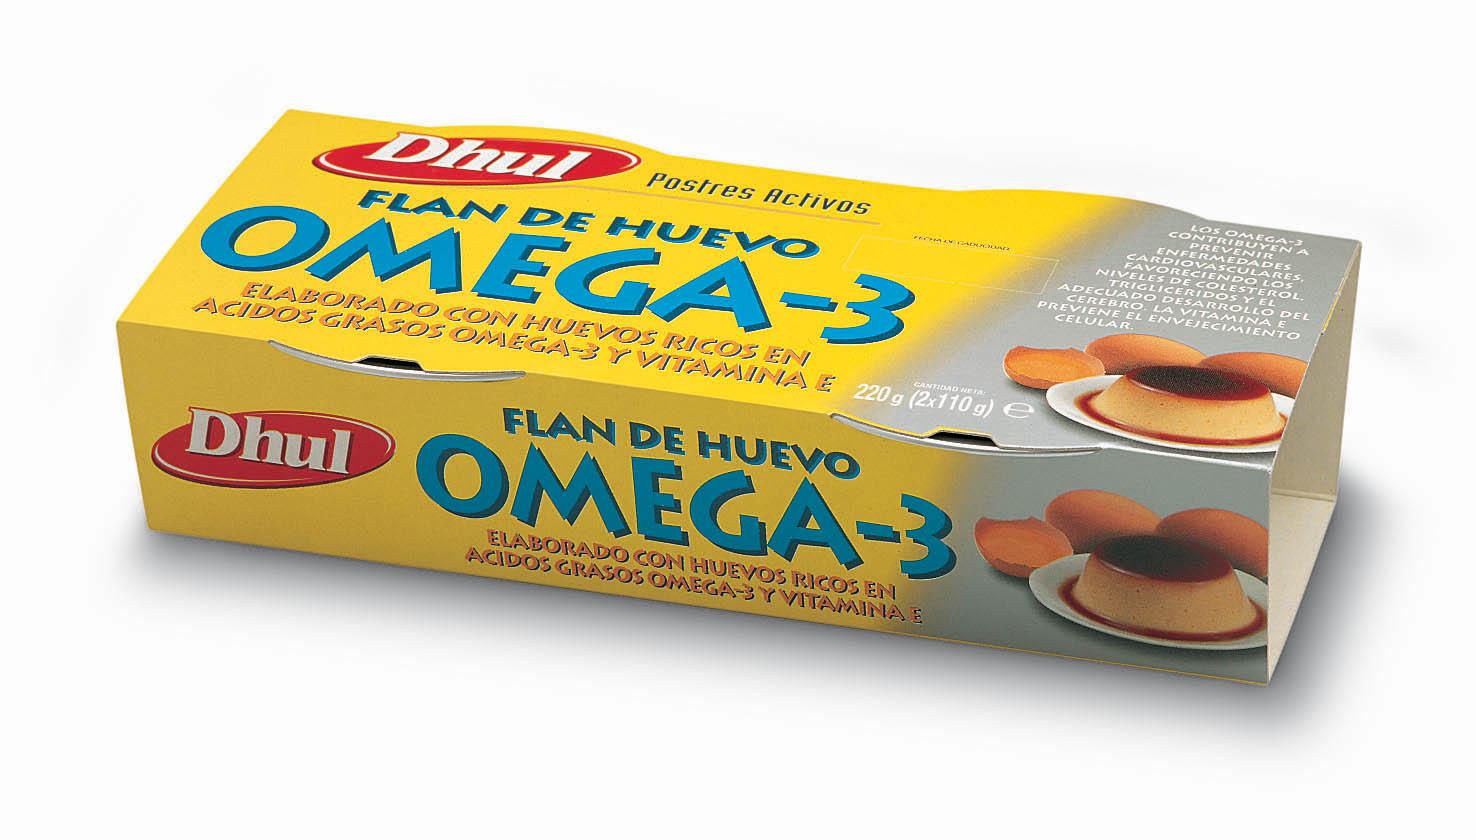 flan con omega 3